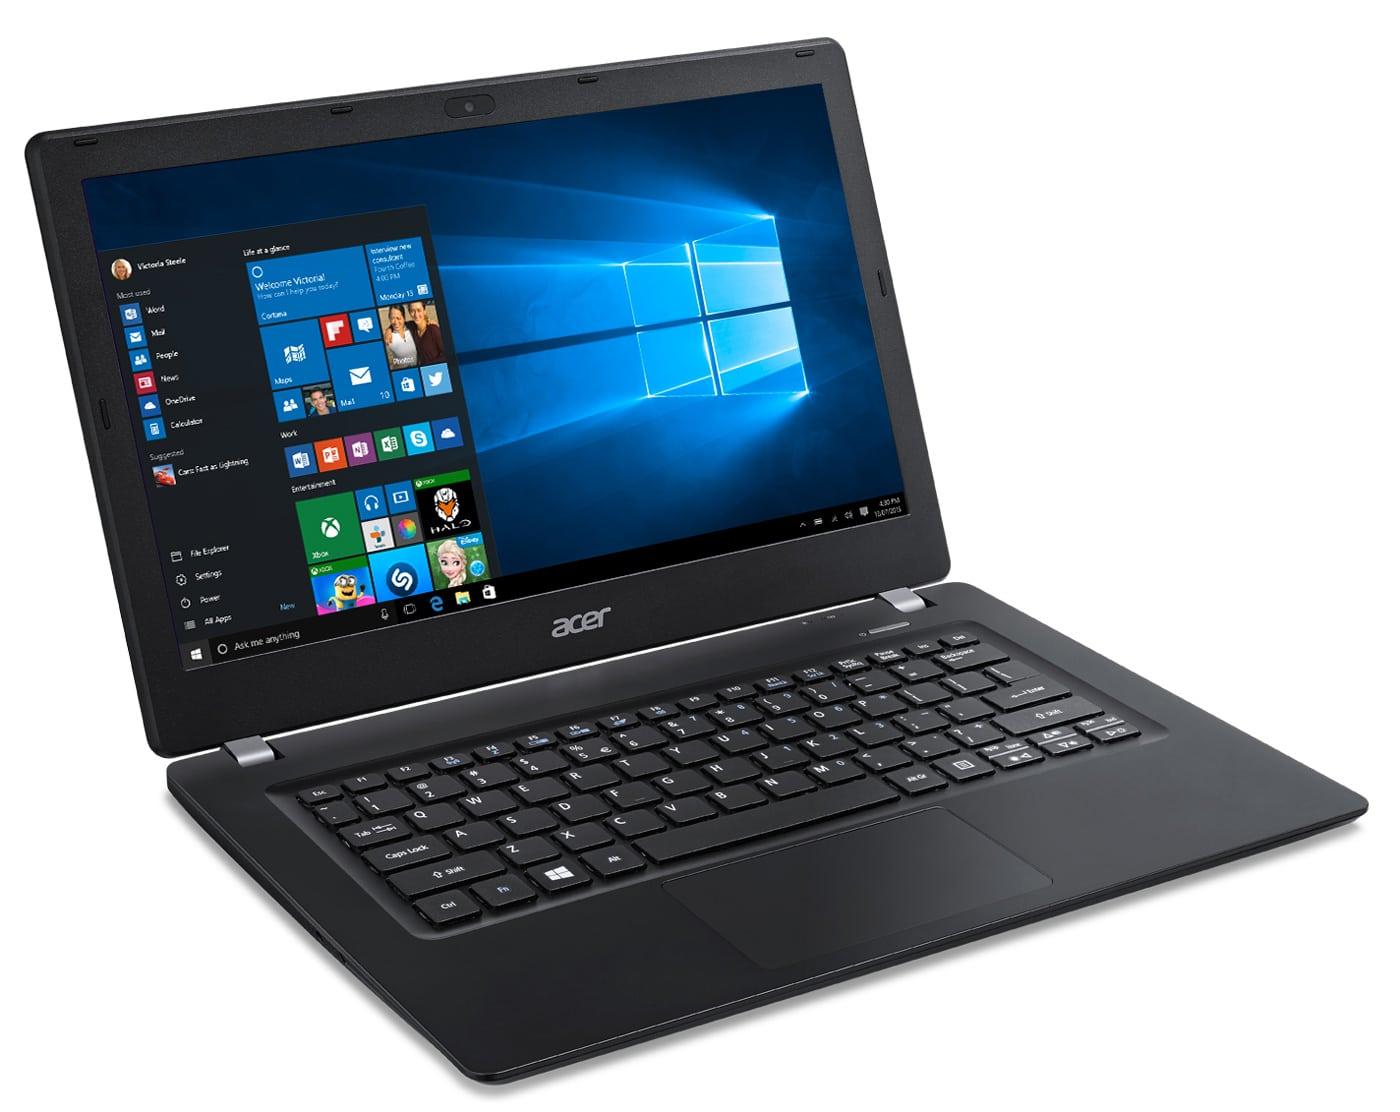 Acer TravelMate P236-M-31SW à 539€, Ultrabook 13 pouces mat SSHD Win 7 Pro